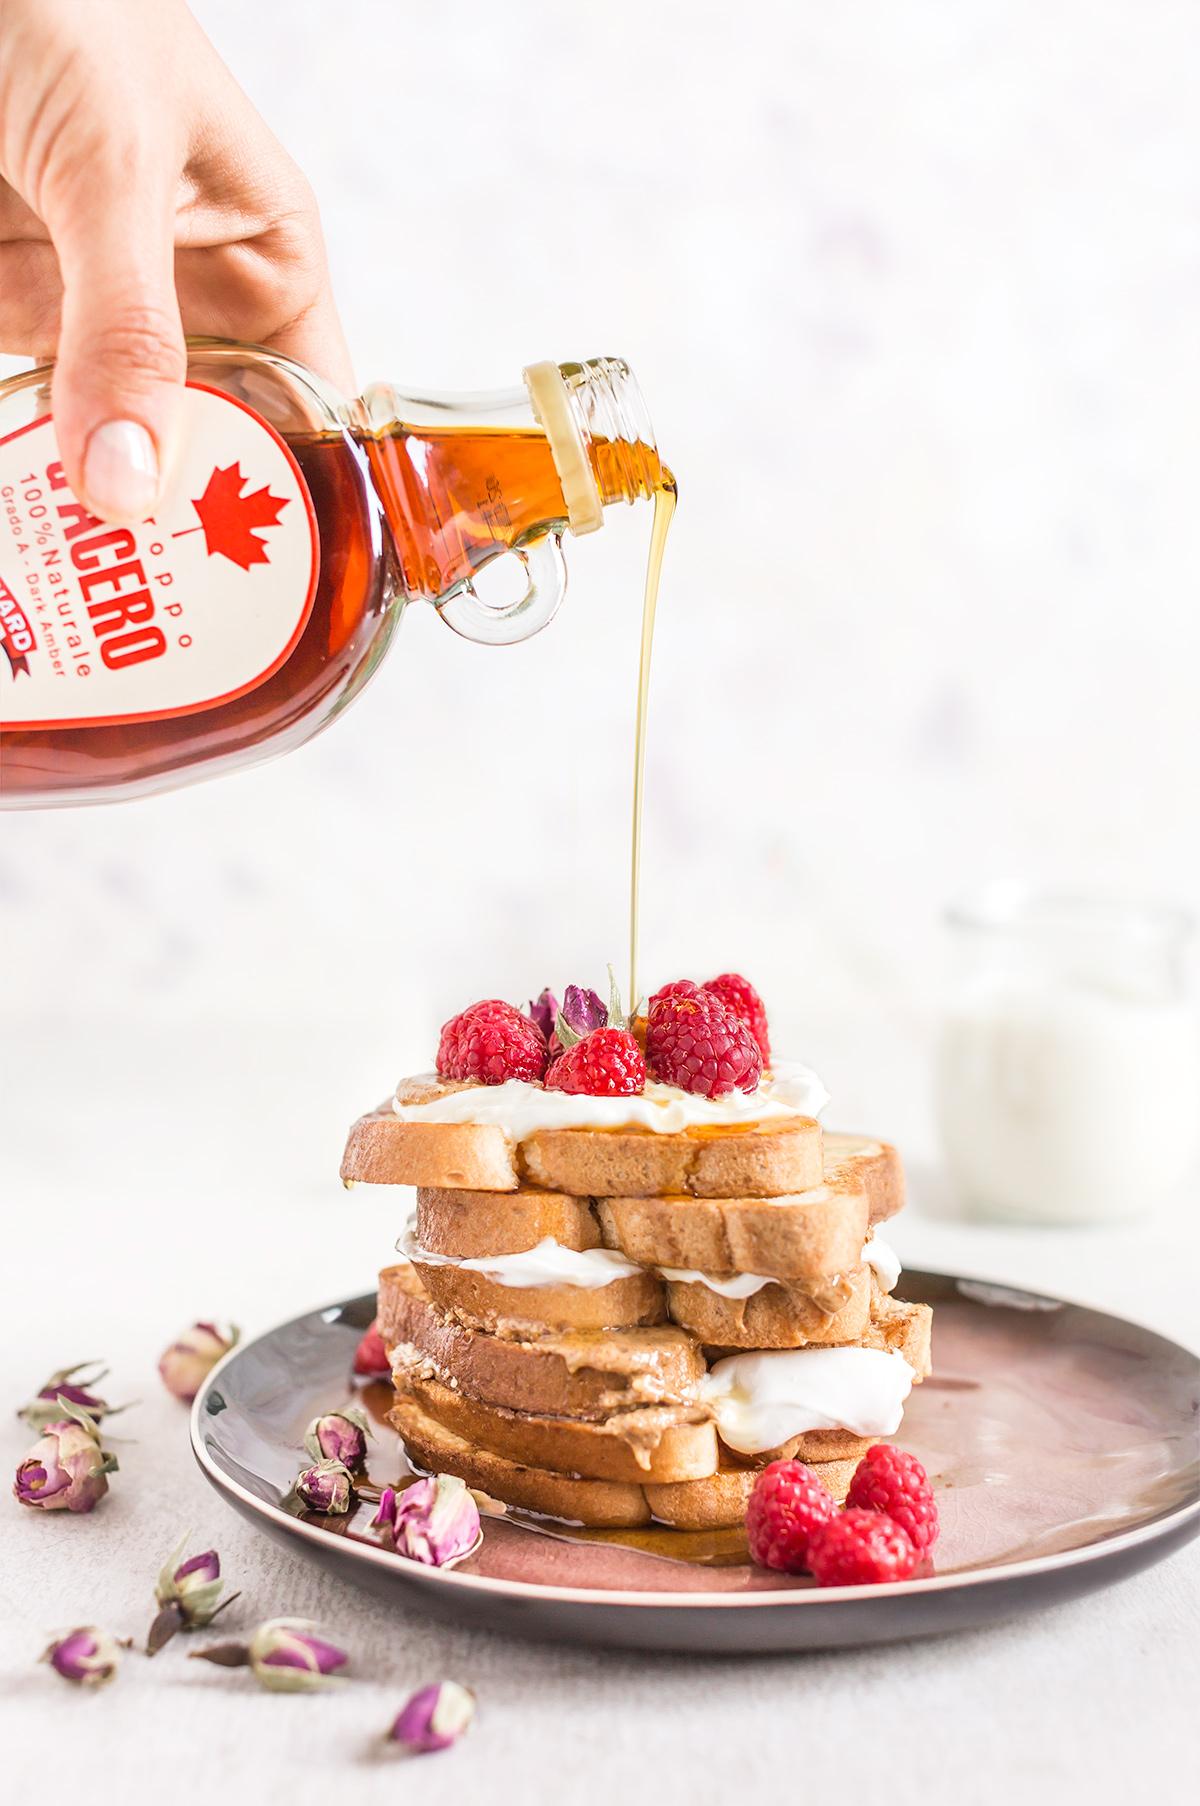 #vegan FRENCH TOAST #glutenfree recipe with coconut whipped cream - ricetta FRENCH TOAST VEGAN SENZA GLUTINE alla vaniglia in padella e al forno